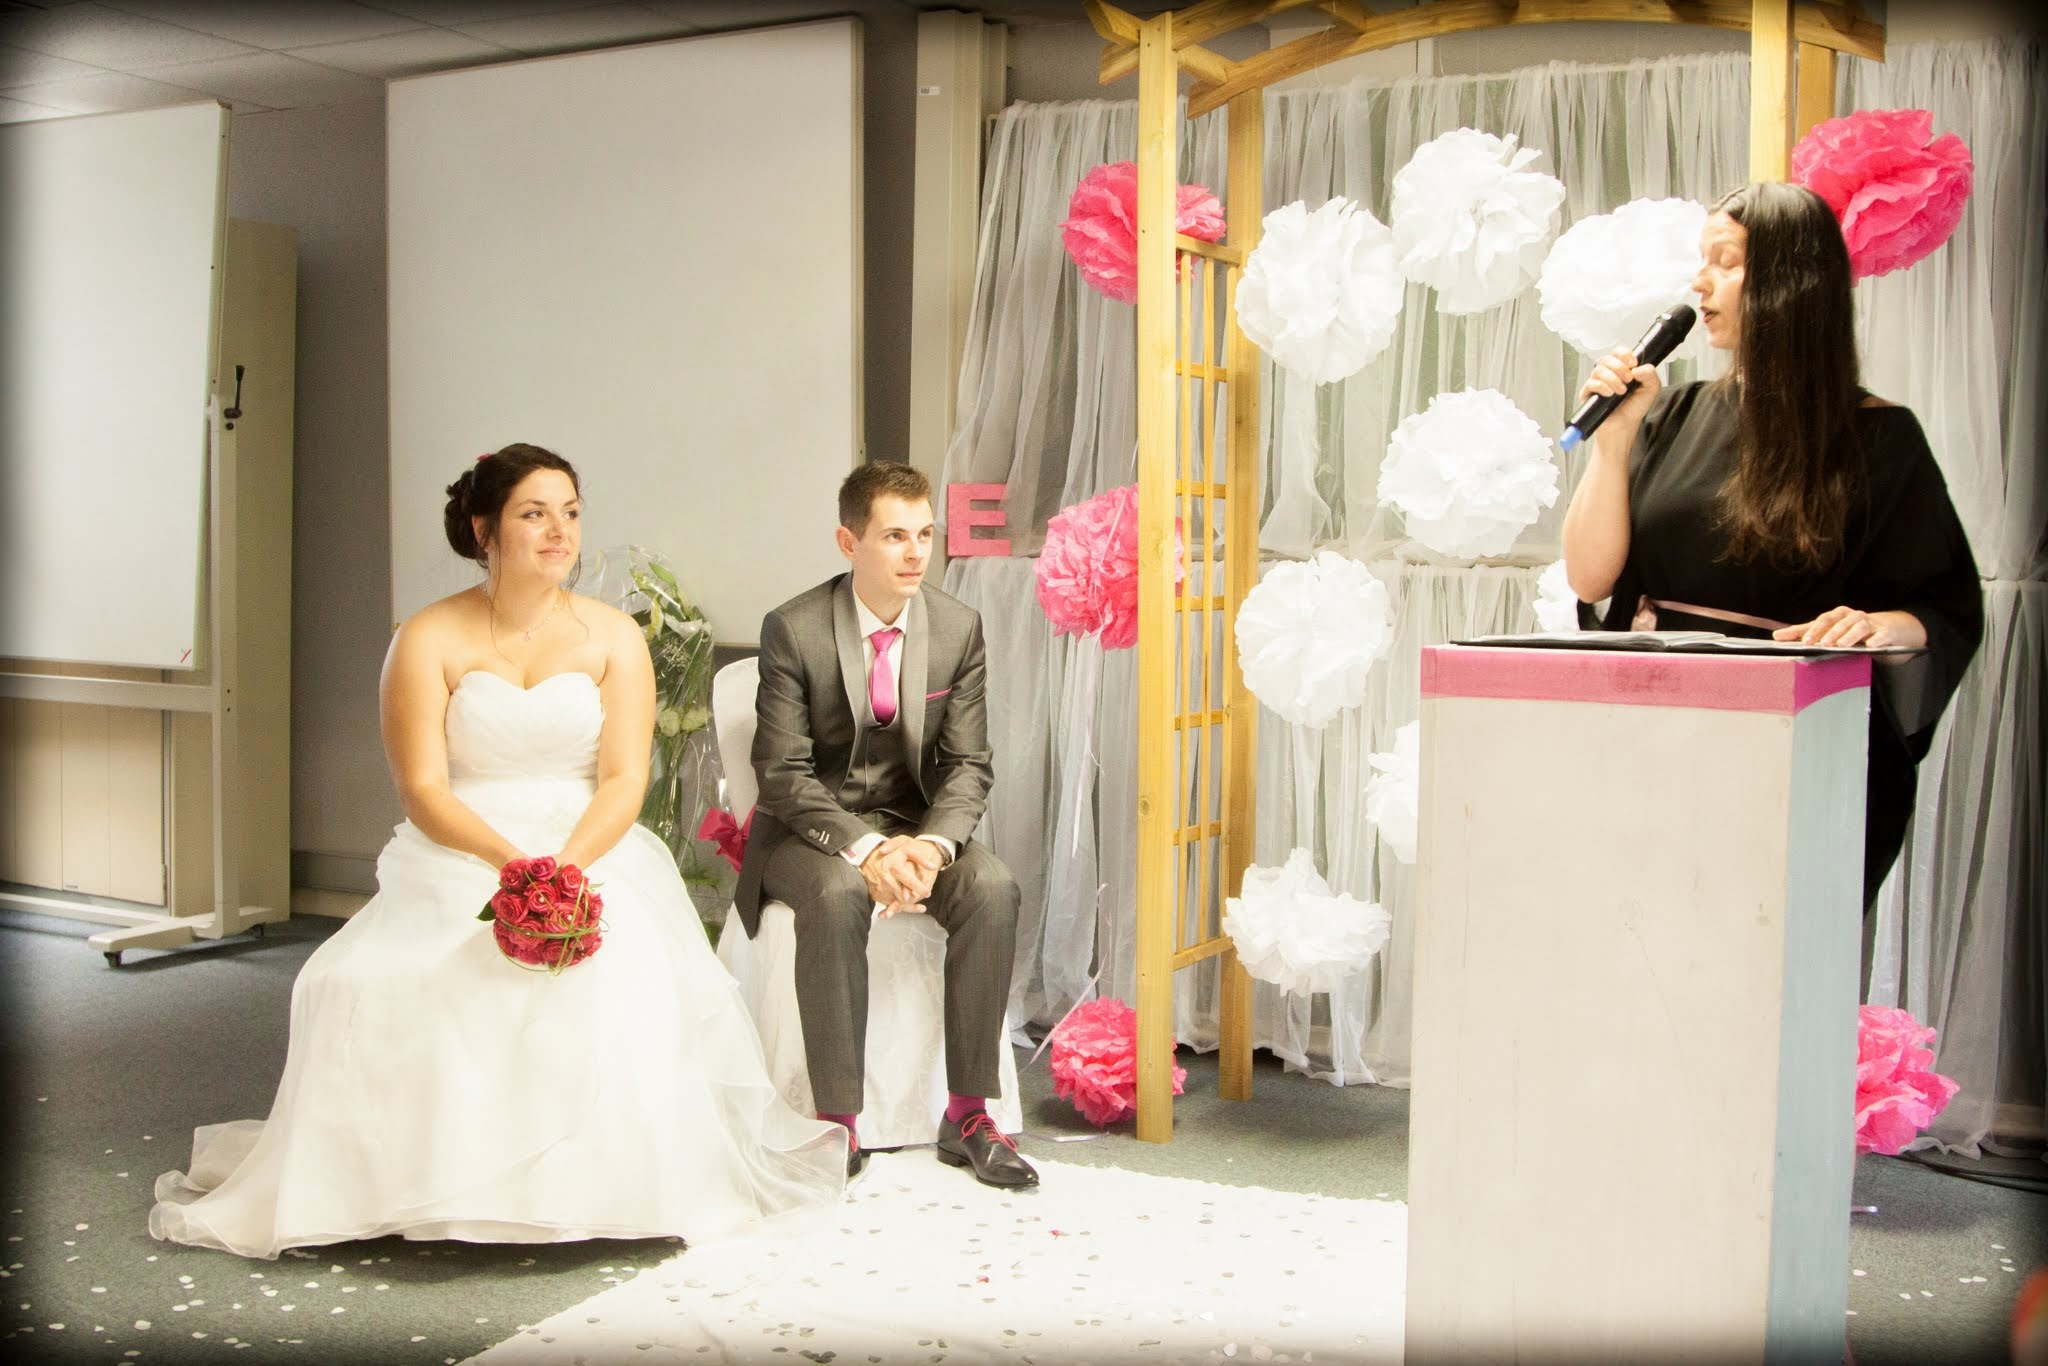 Le mariage sur le thème des bulles d'Élodie, en rose et gris, avec une cérémonie laïque